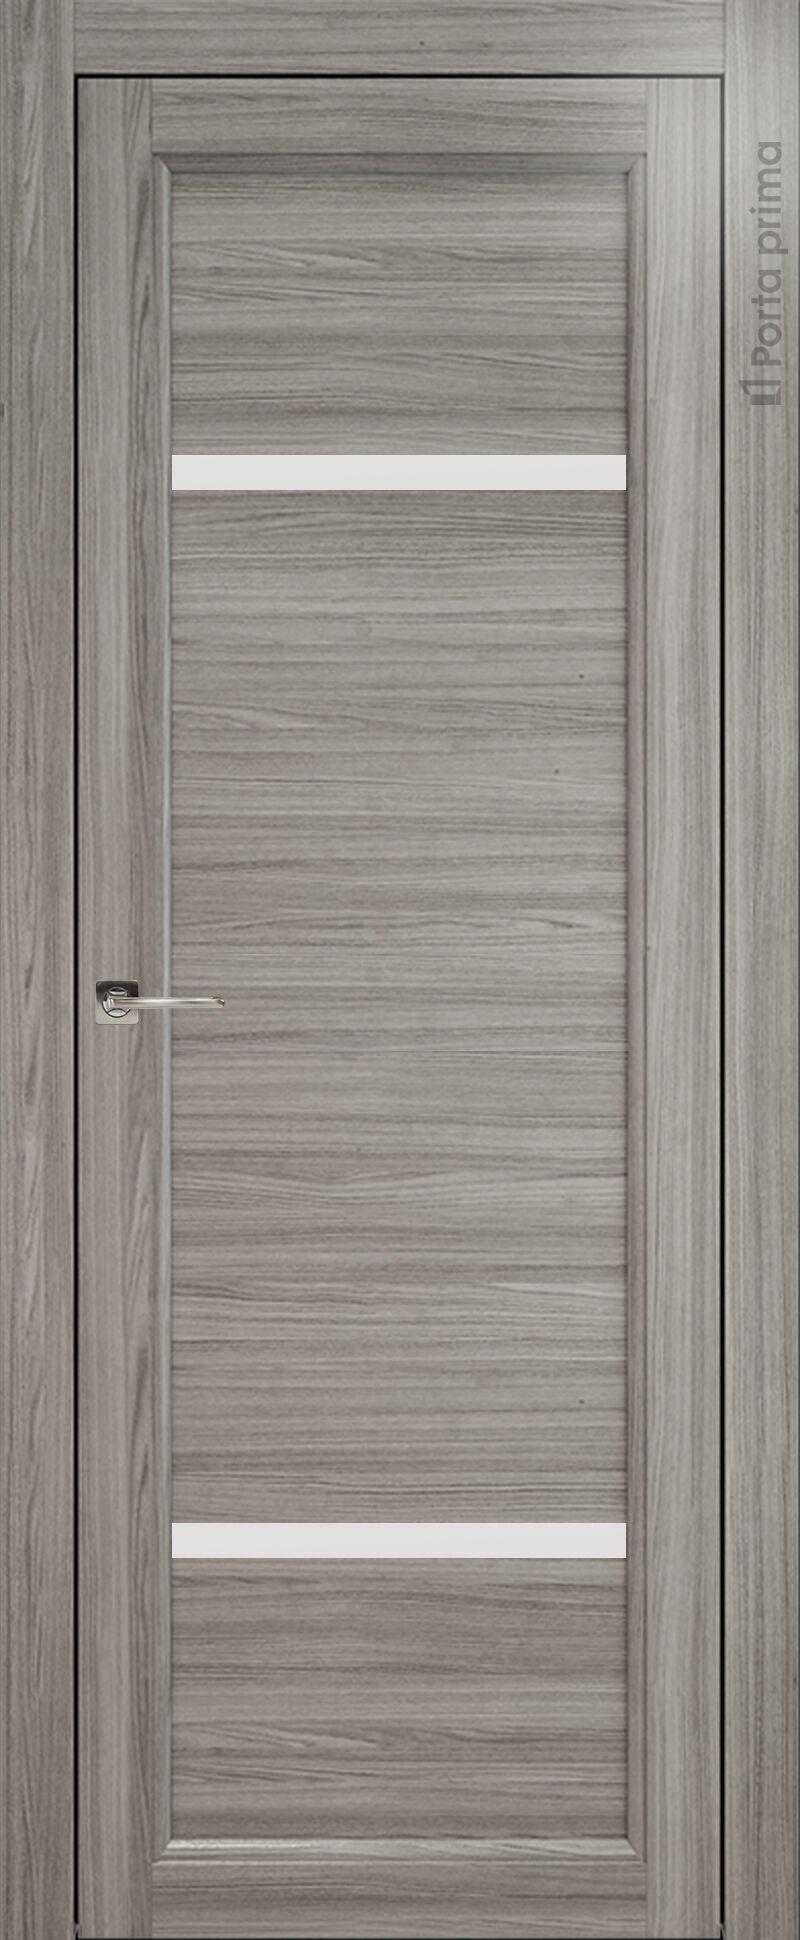 Sorrento-R Г3 цвет - Орех пепельный Без стекла (ДГ)